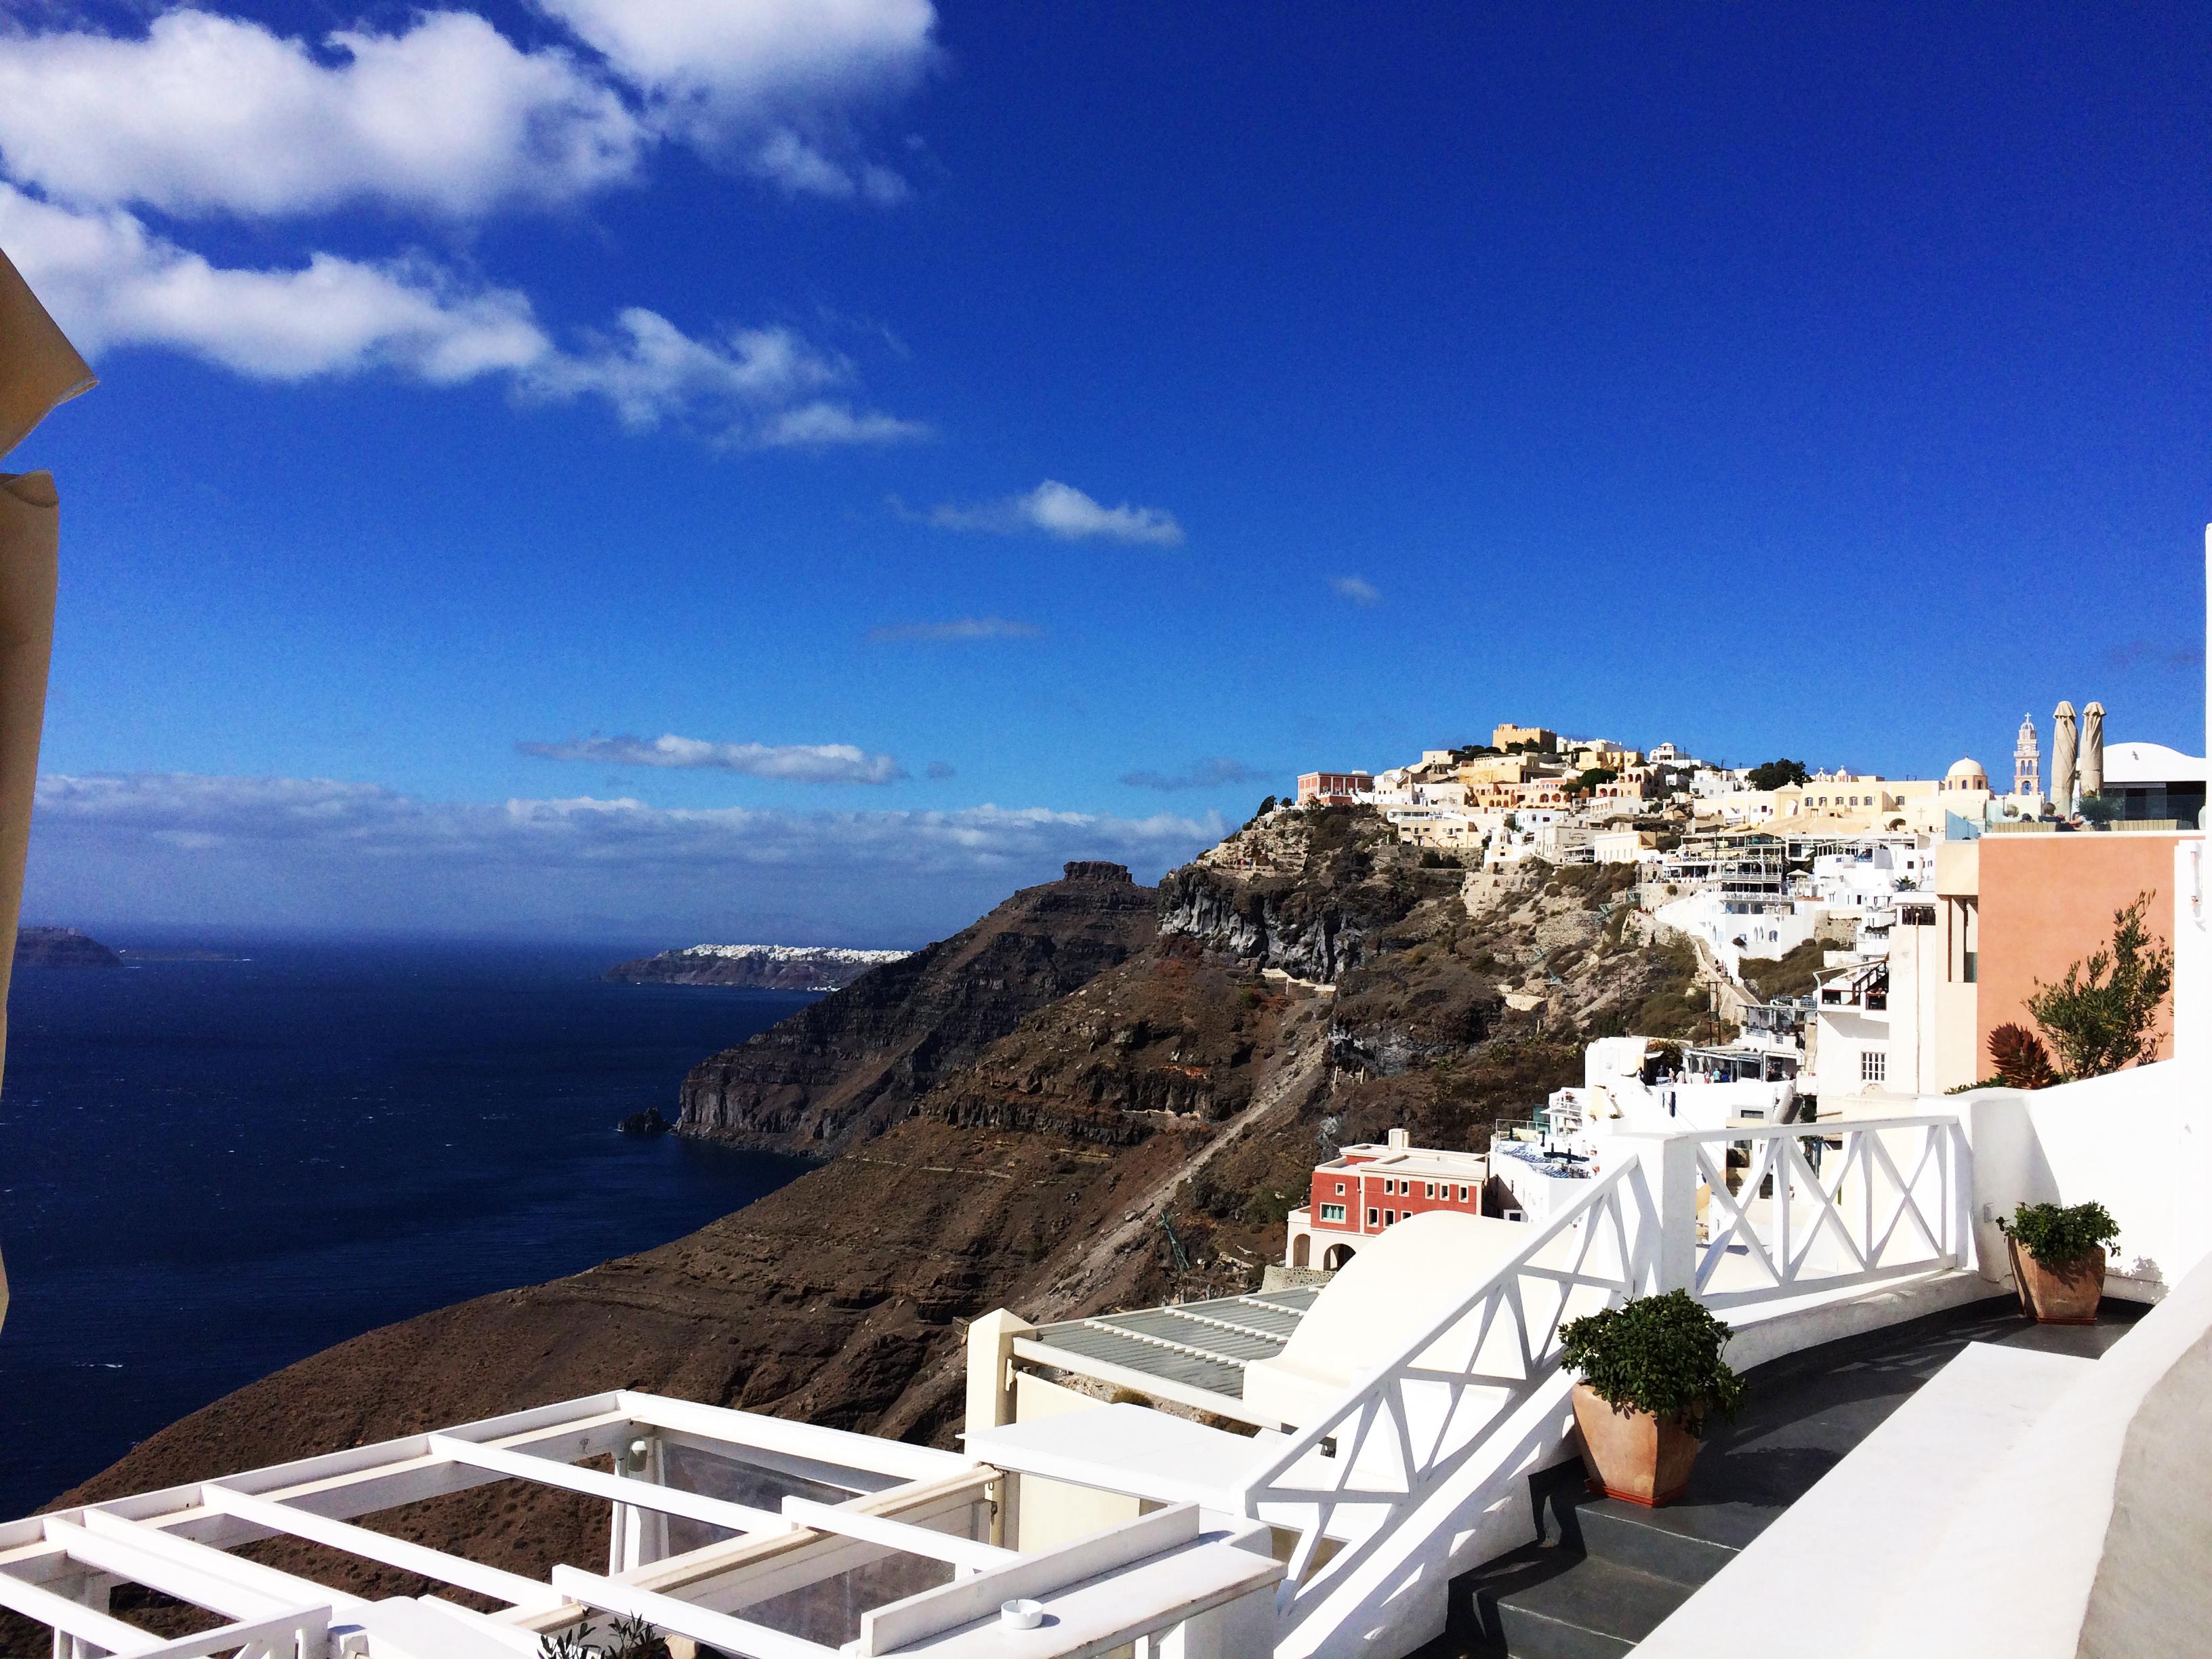 Santorini Grecia mare blu